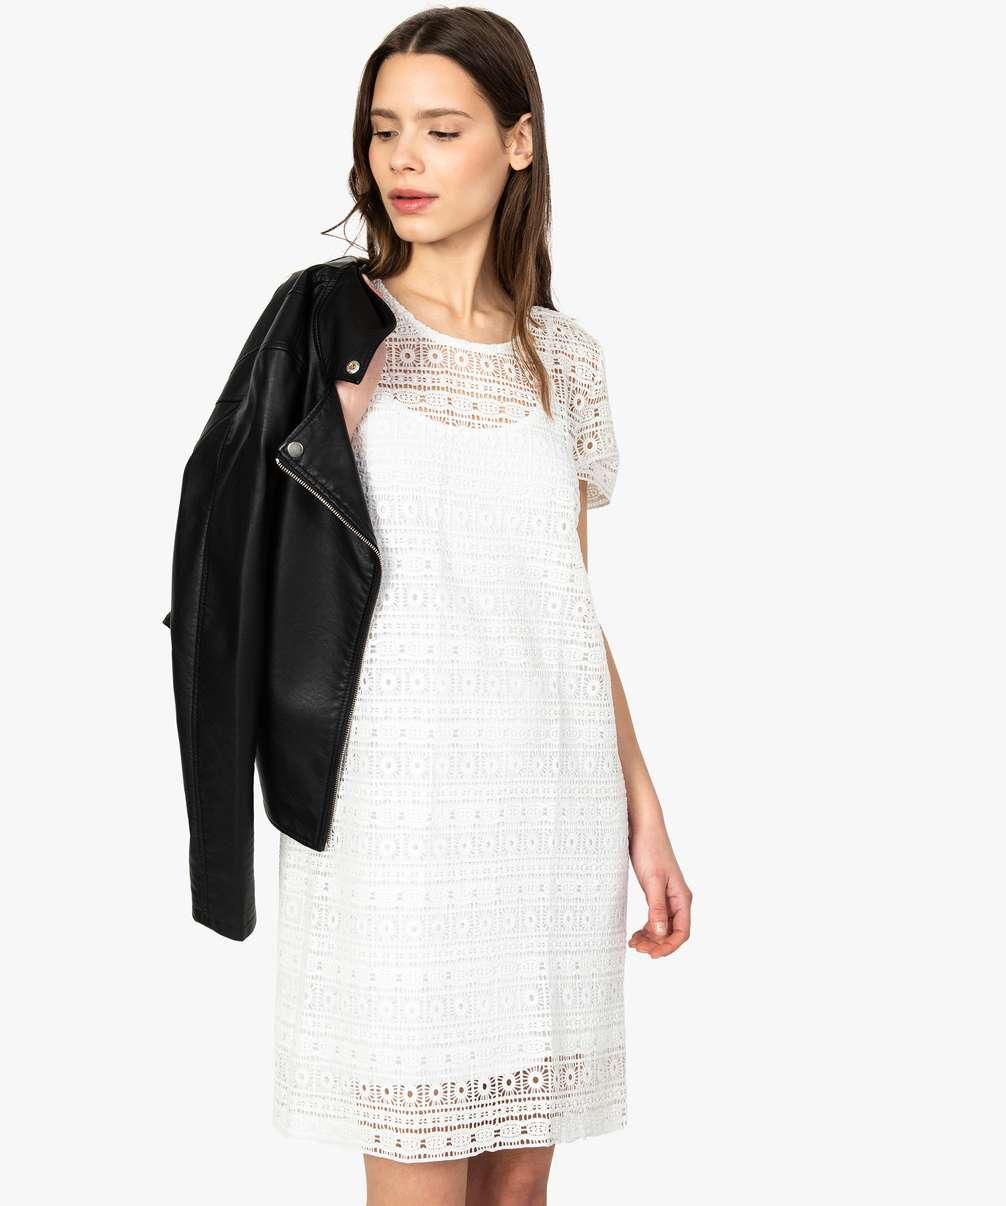 Robe blanche courte en dentelle de la marque gémo, en promotion.